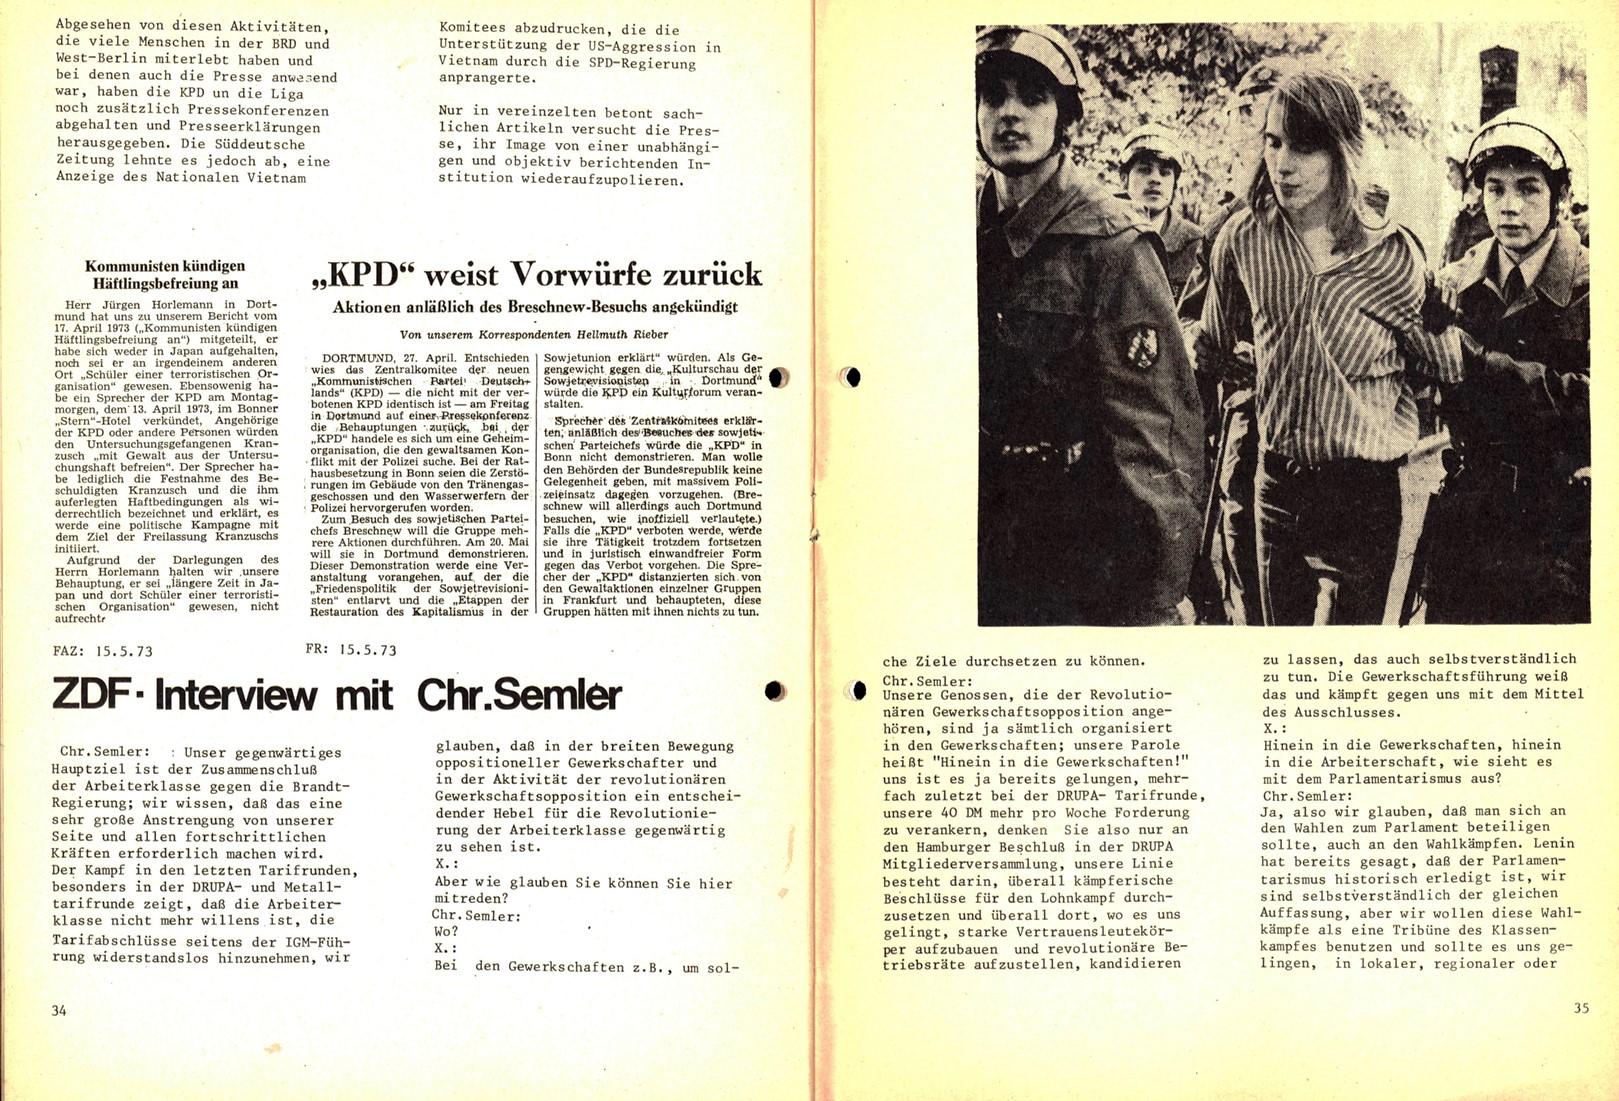 Komitee_Haende_weg_von_der_KPD_1973_Polizeijournalismus_18